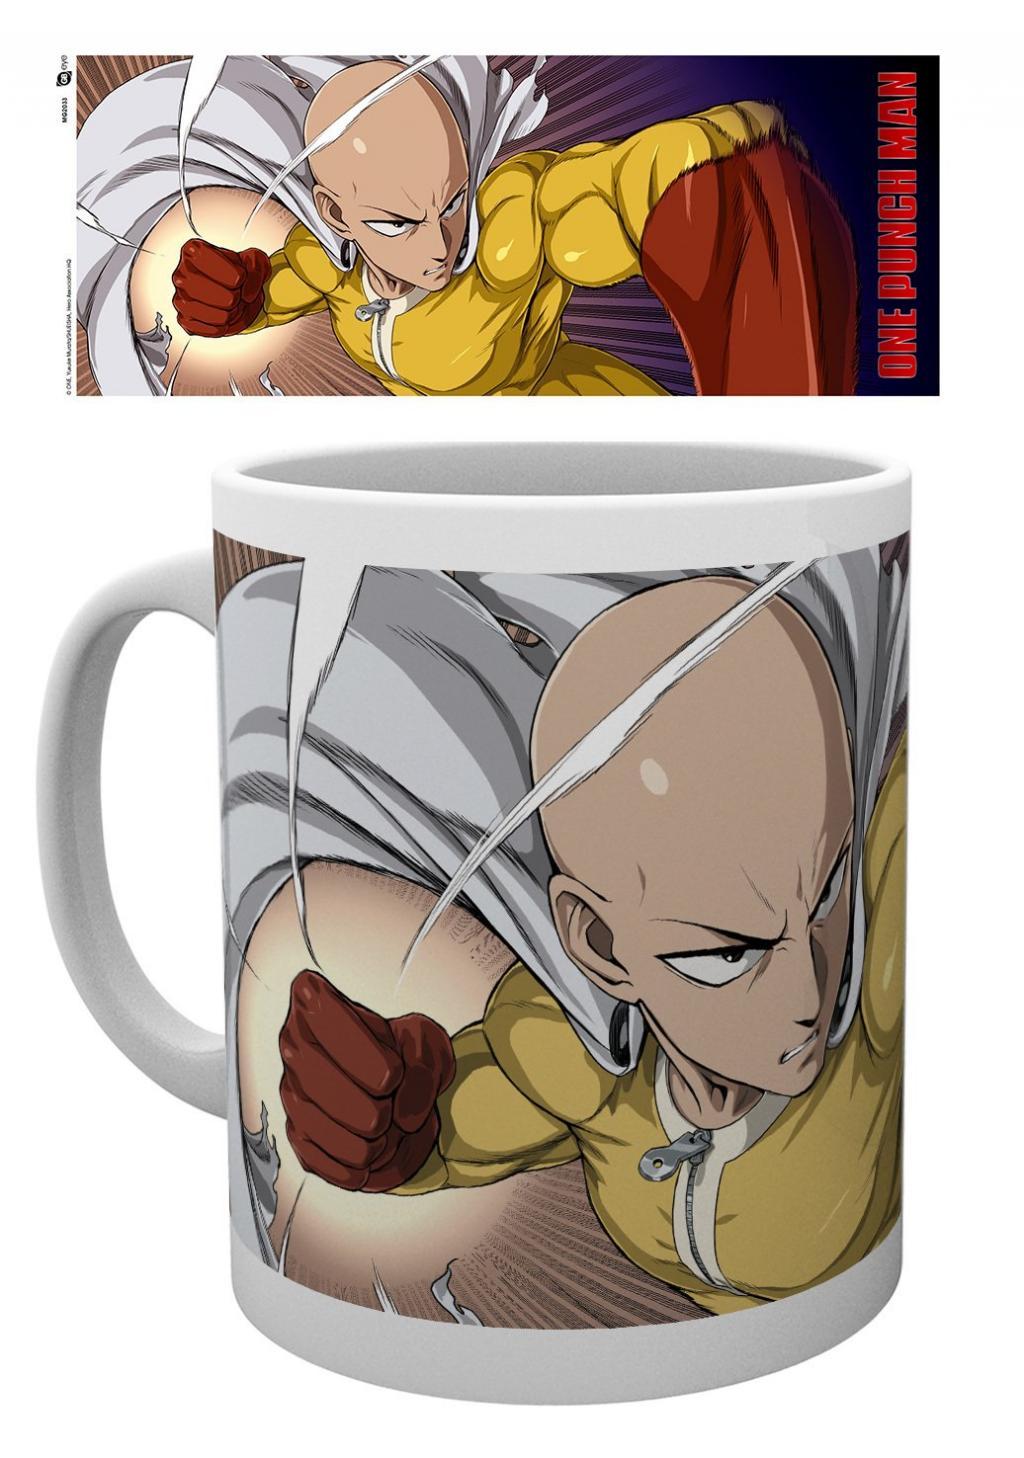 ONE PUNCH MAN - Mug - 315 ml - Saitama Punch